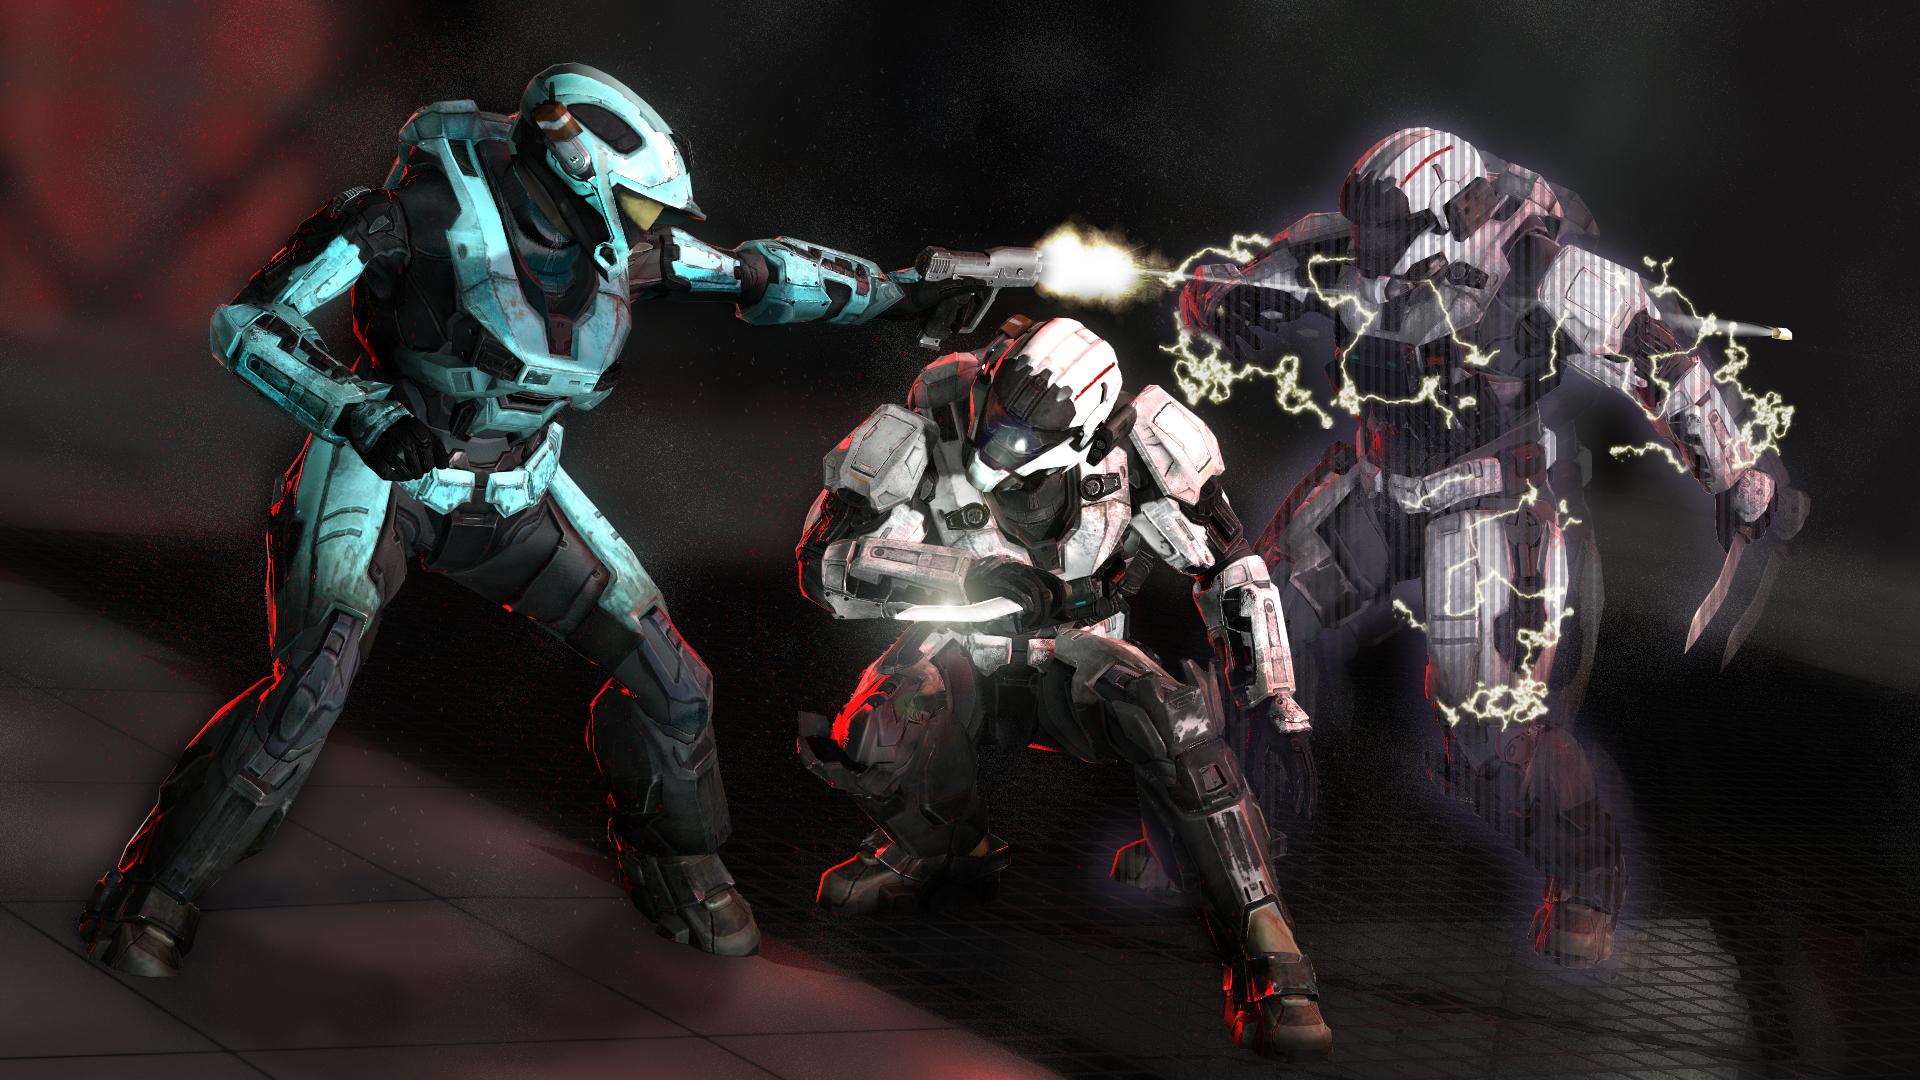 Halo: Decoy by Verulo